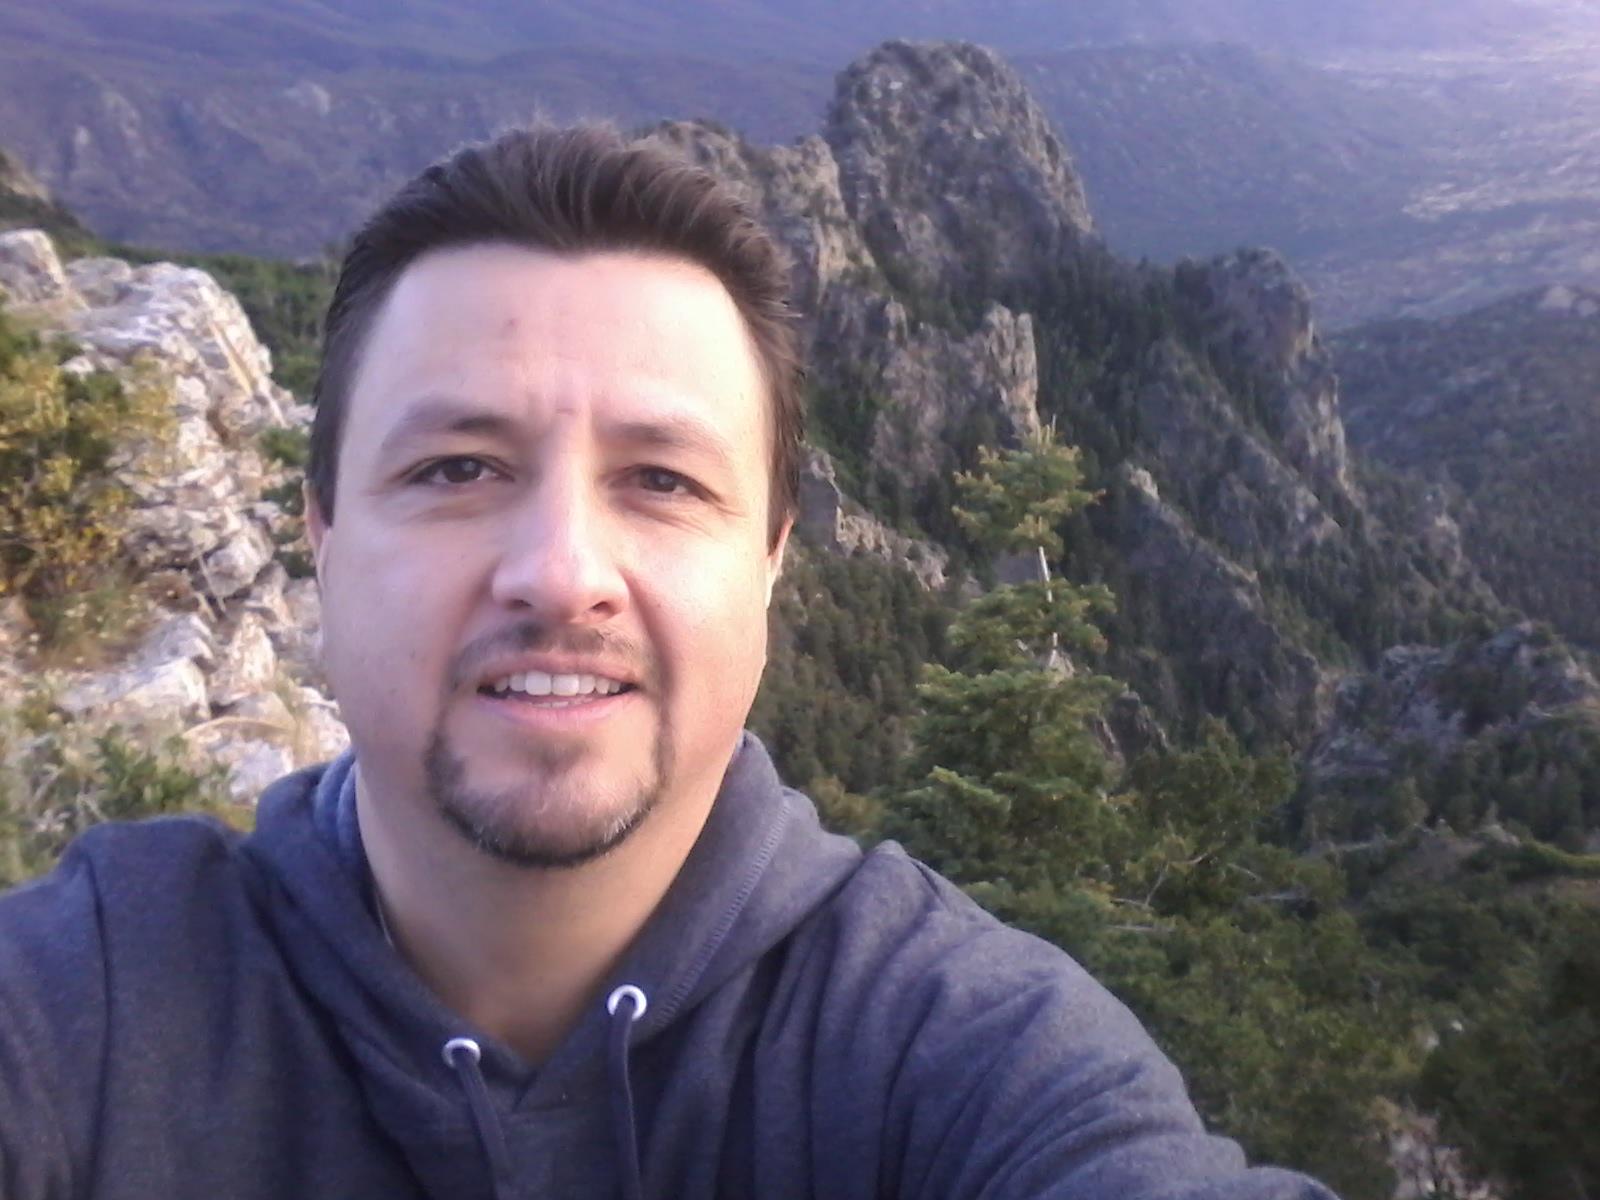 Guillermo Camino